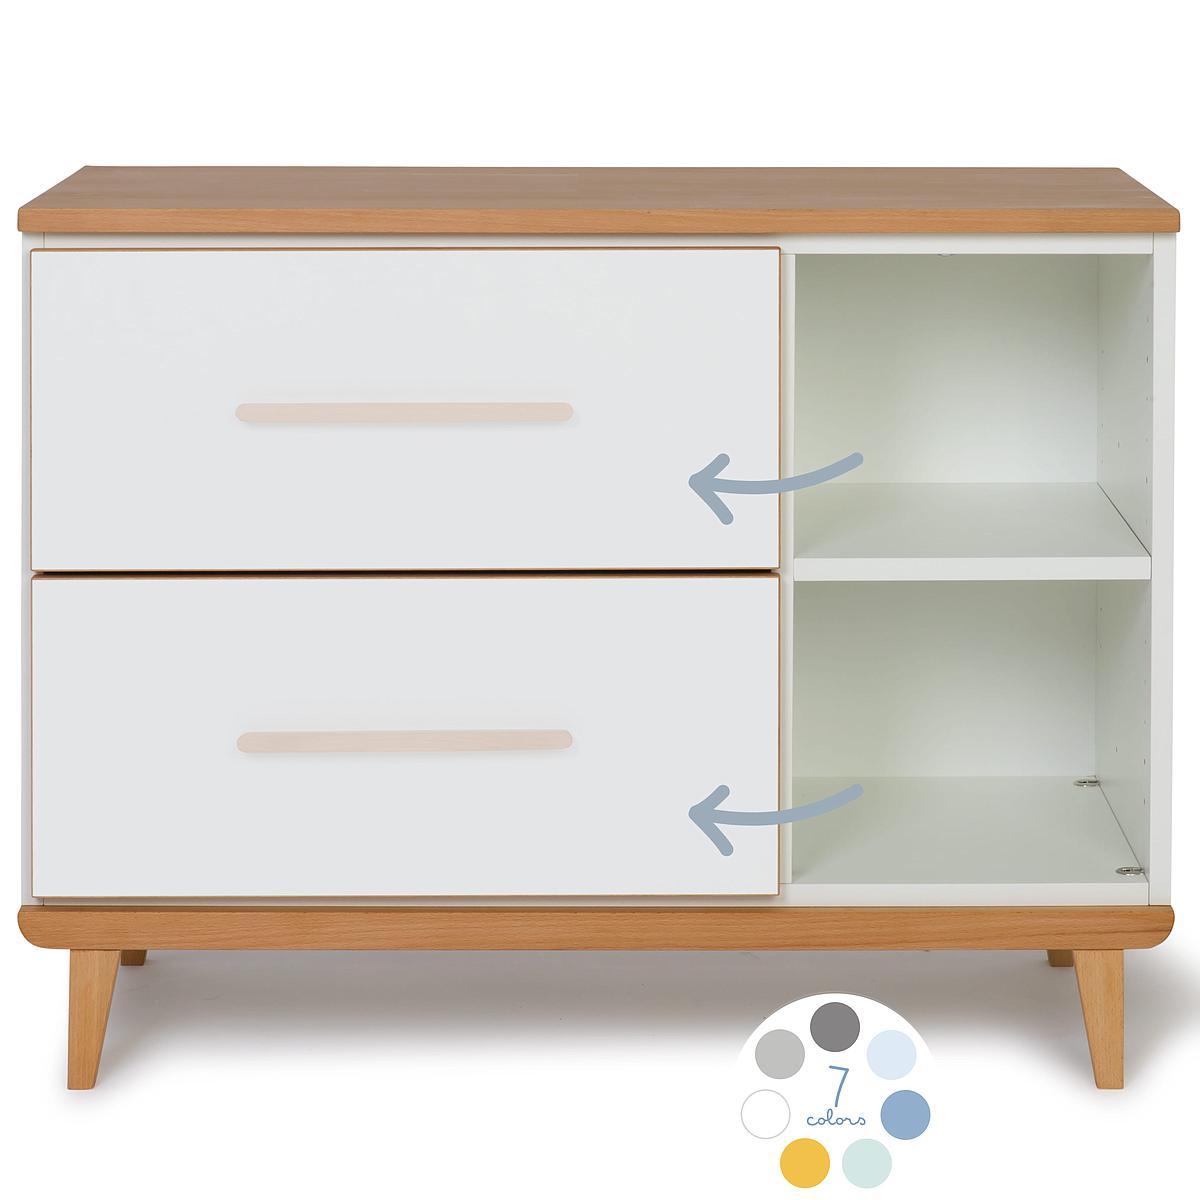 Mueble pequeño 2 cajones sin frontal NADO By A.K.